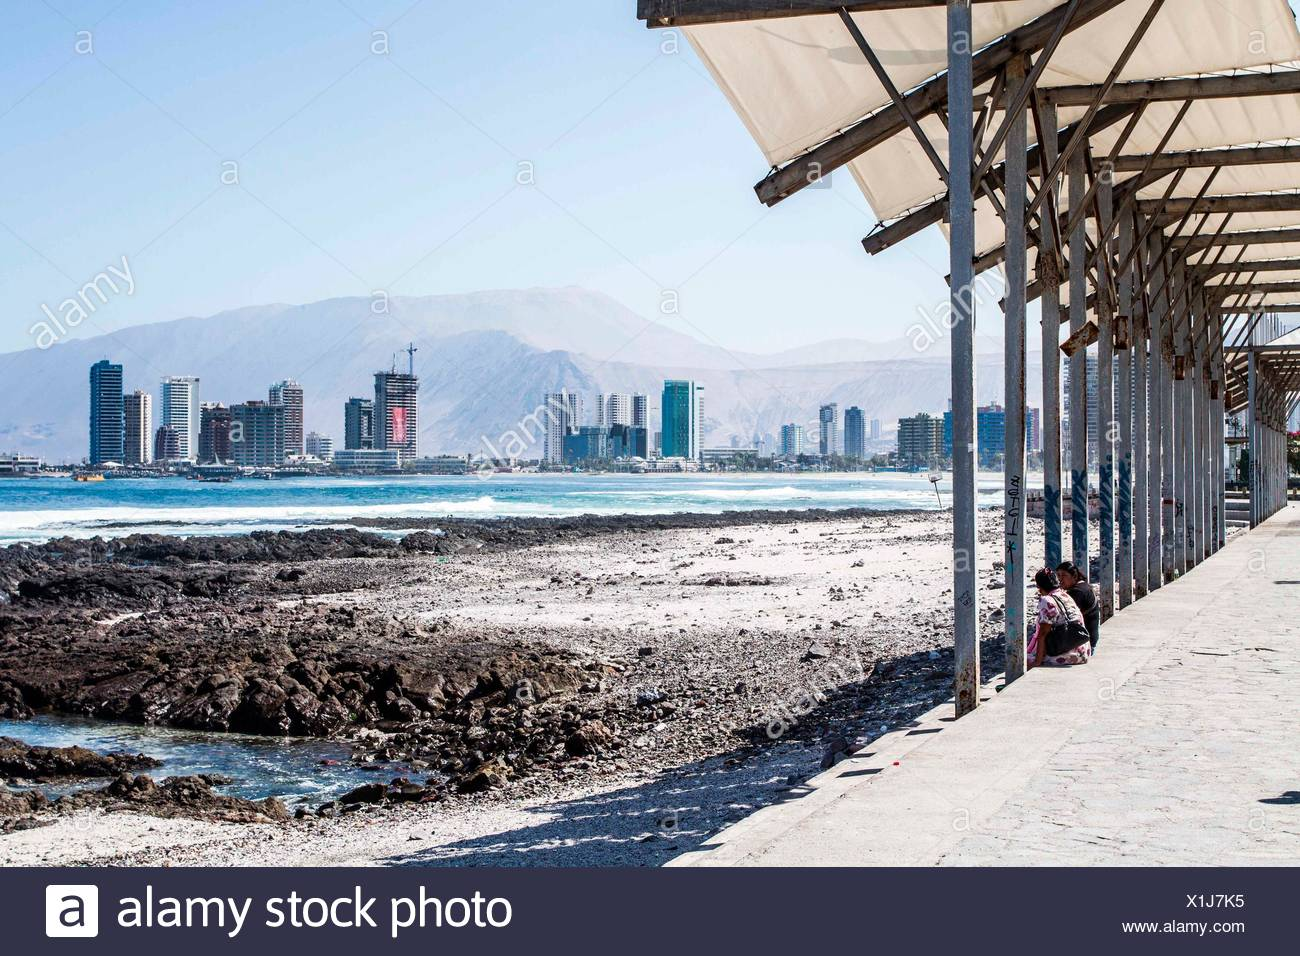 Cavancha Beach. Iquique, Tarapaca Region, Chile. 17.11.15 Stock Photo